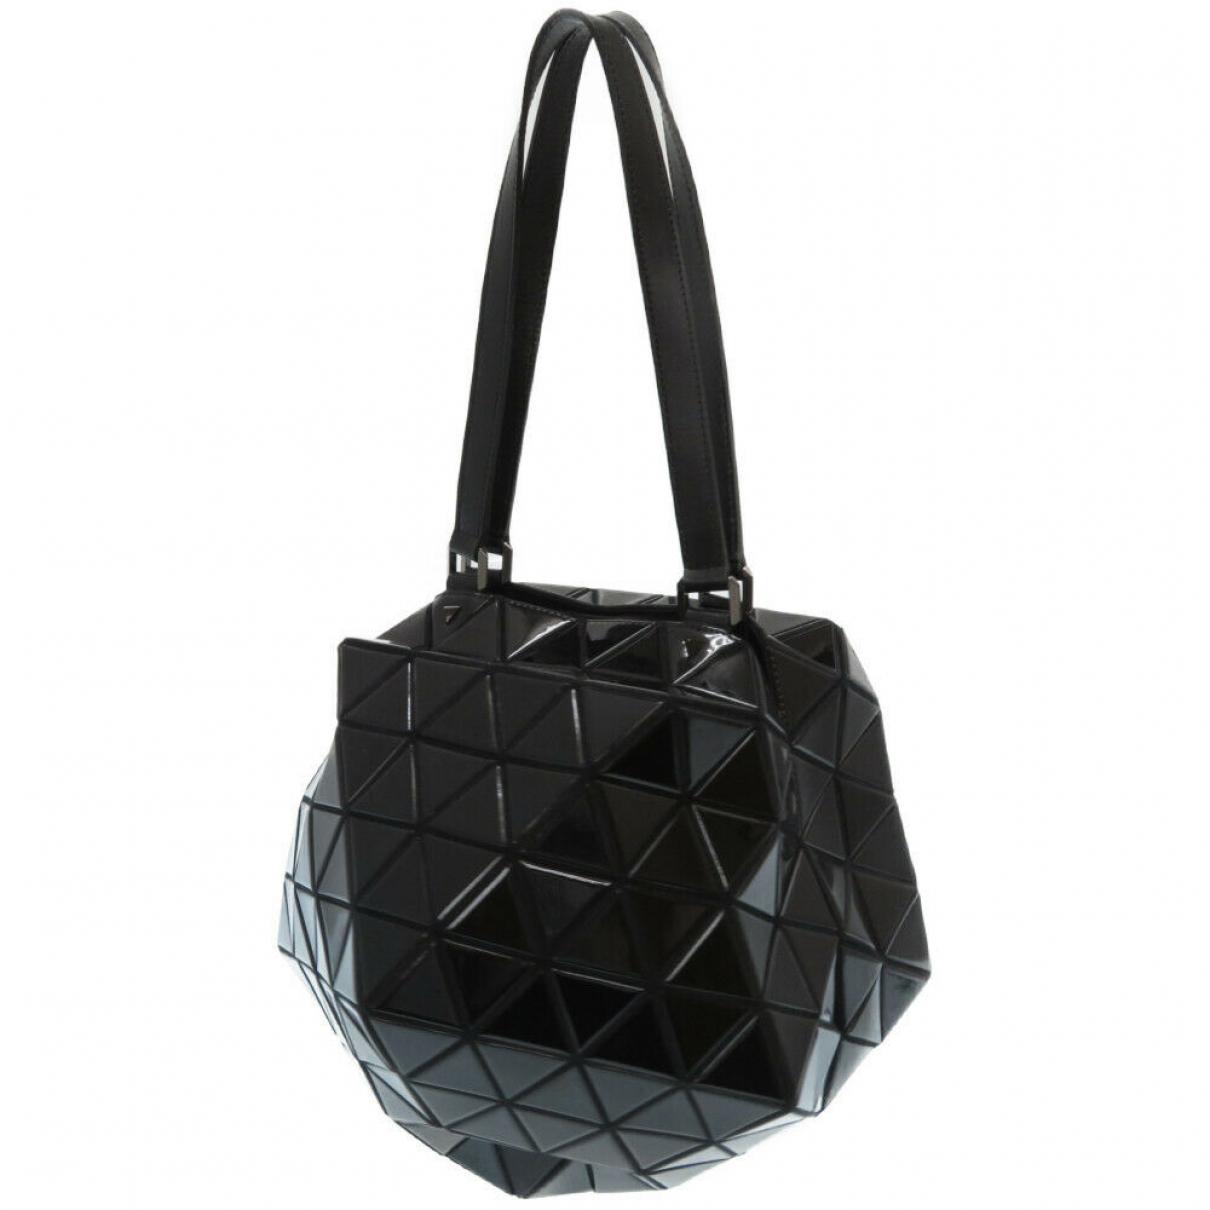 Issey Miyake \N Black Leather handbag for Women \N